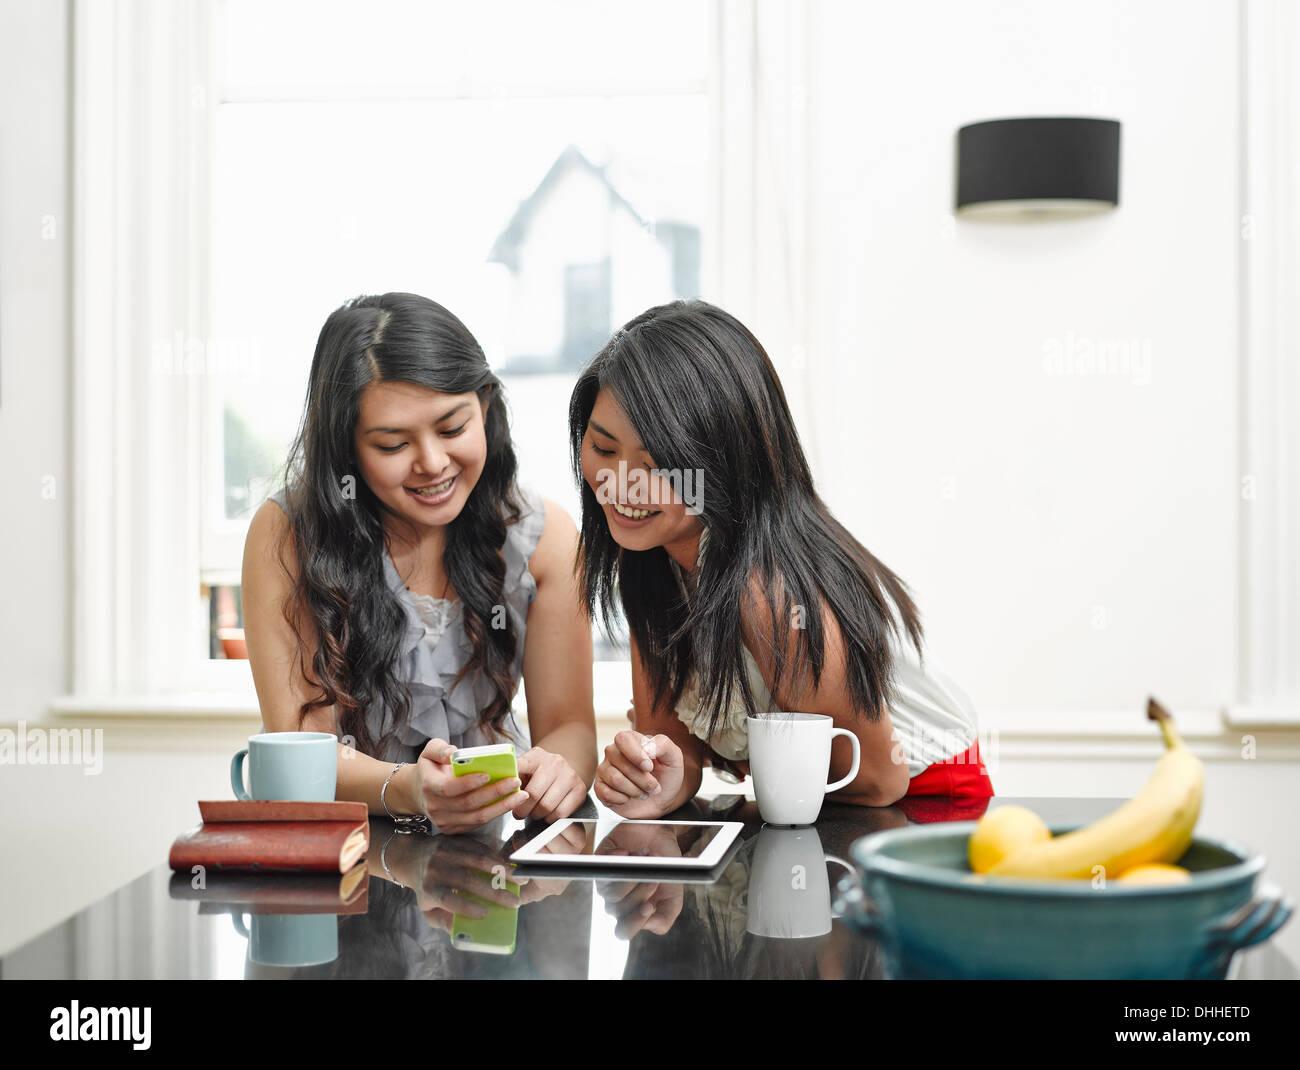 Deux jeunes femmes looking at mobile phone au comptoir de la cuisine Photo Stock